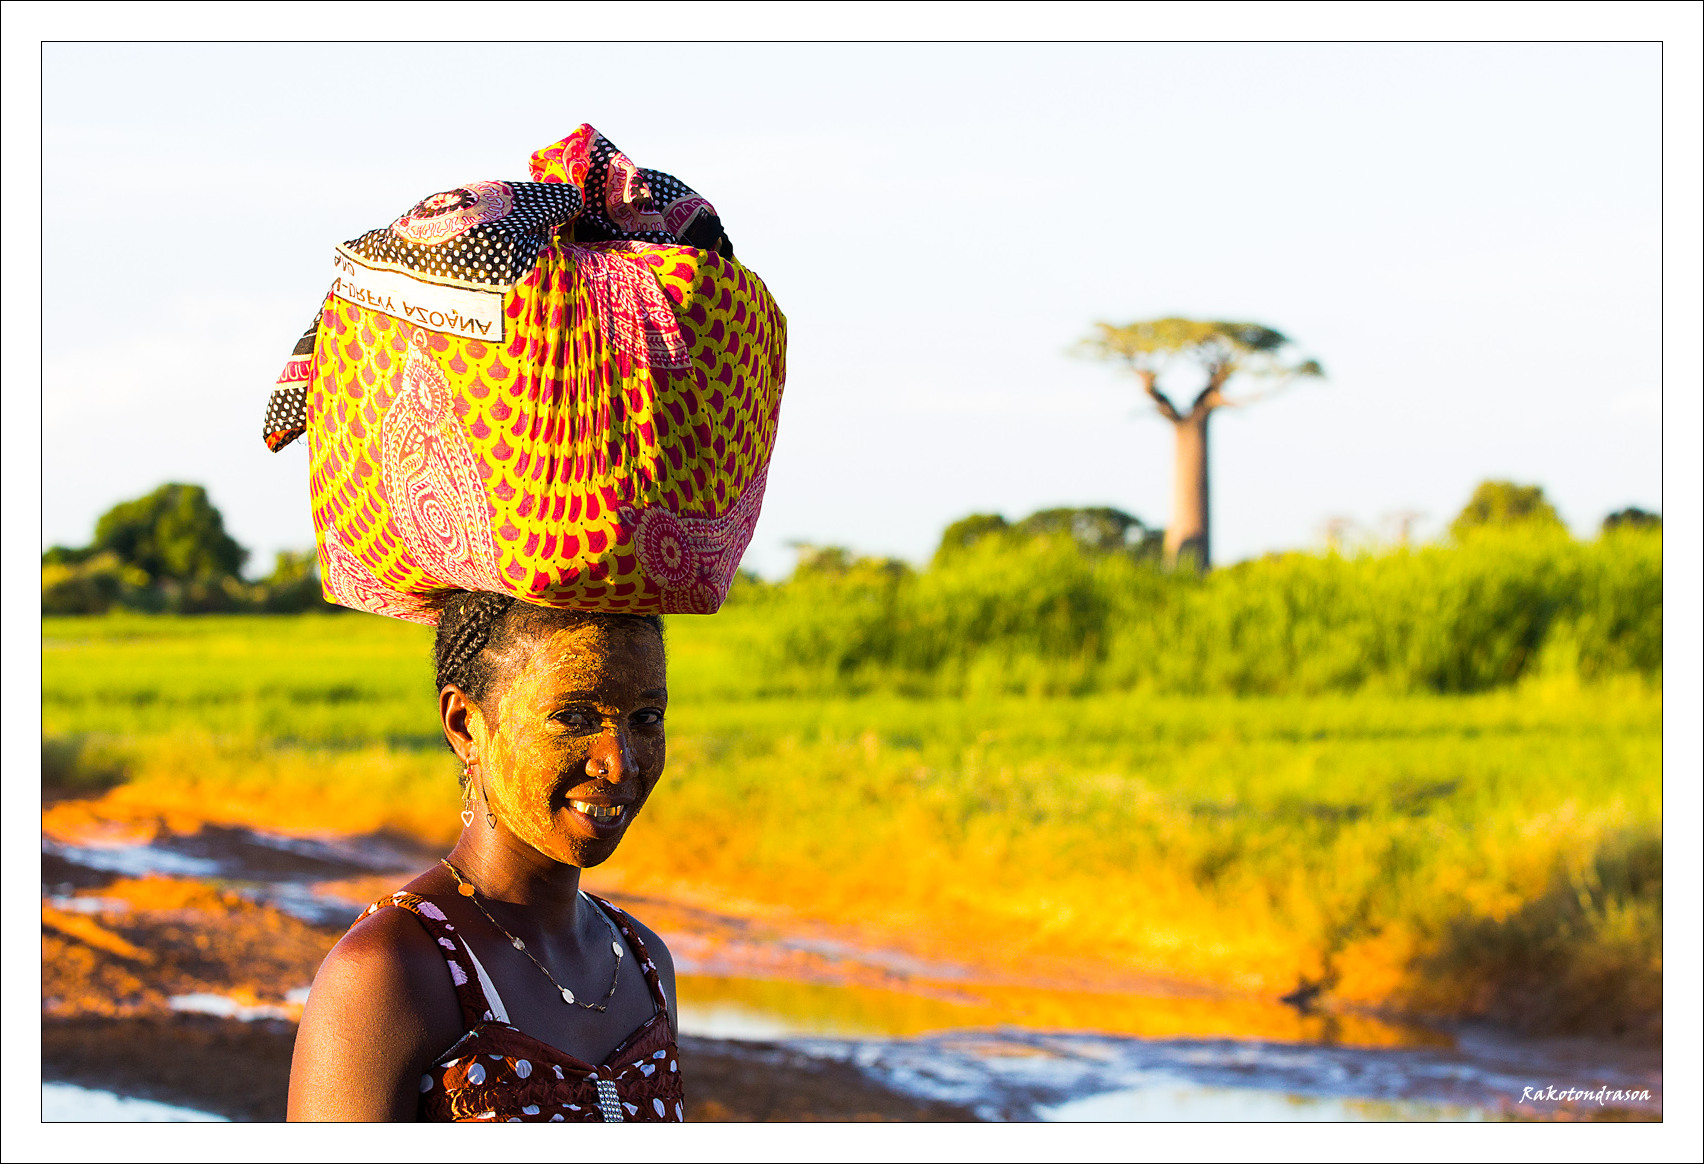 Bienvenue à Madagascar, pays du soleil